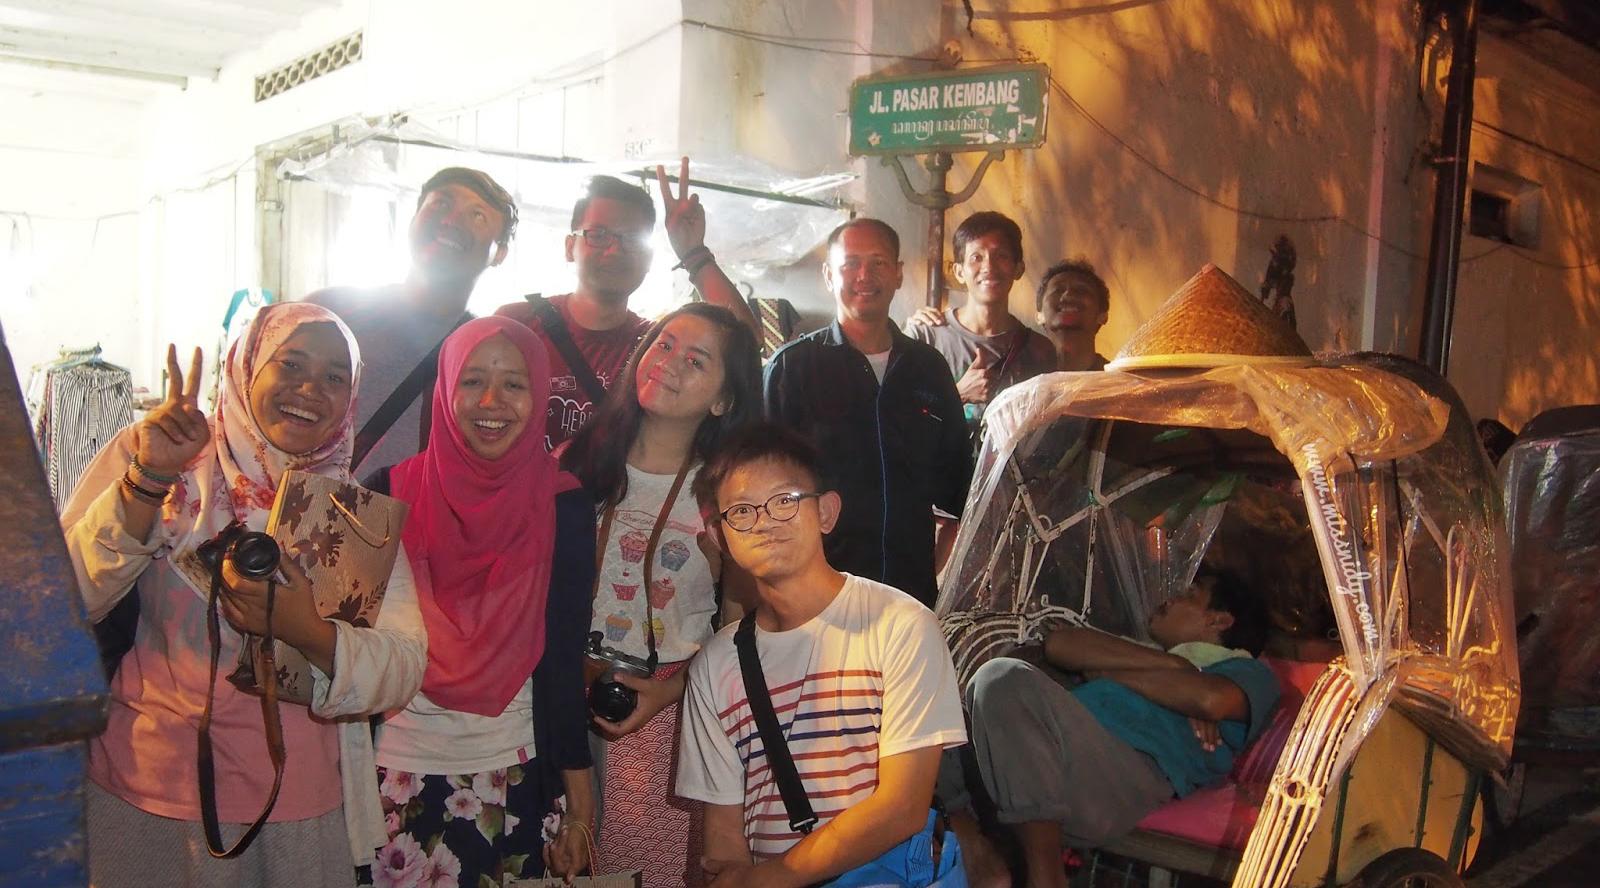 remaja dan sisiwi cantik pakai hijab jadi PSK di Pasar Kembang di Yogyakarta